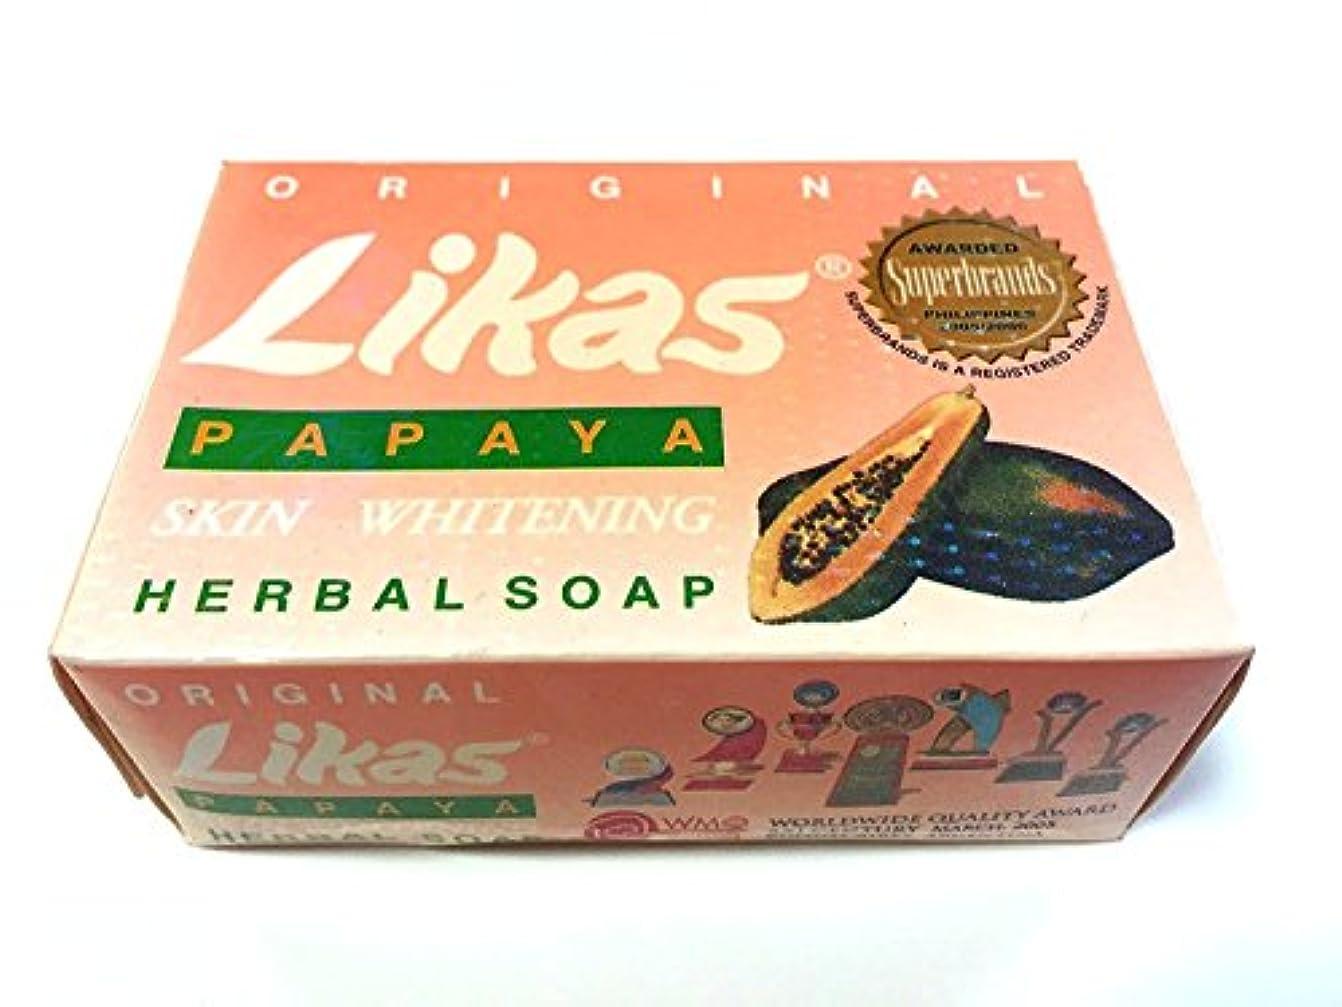 リカス パパイヤ ホワイトニング ソープ Likas PAPAYA SKIN WHITENING SOAP 135g (2個)